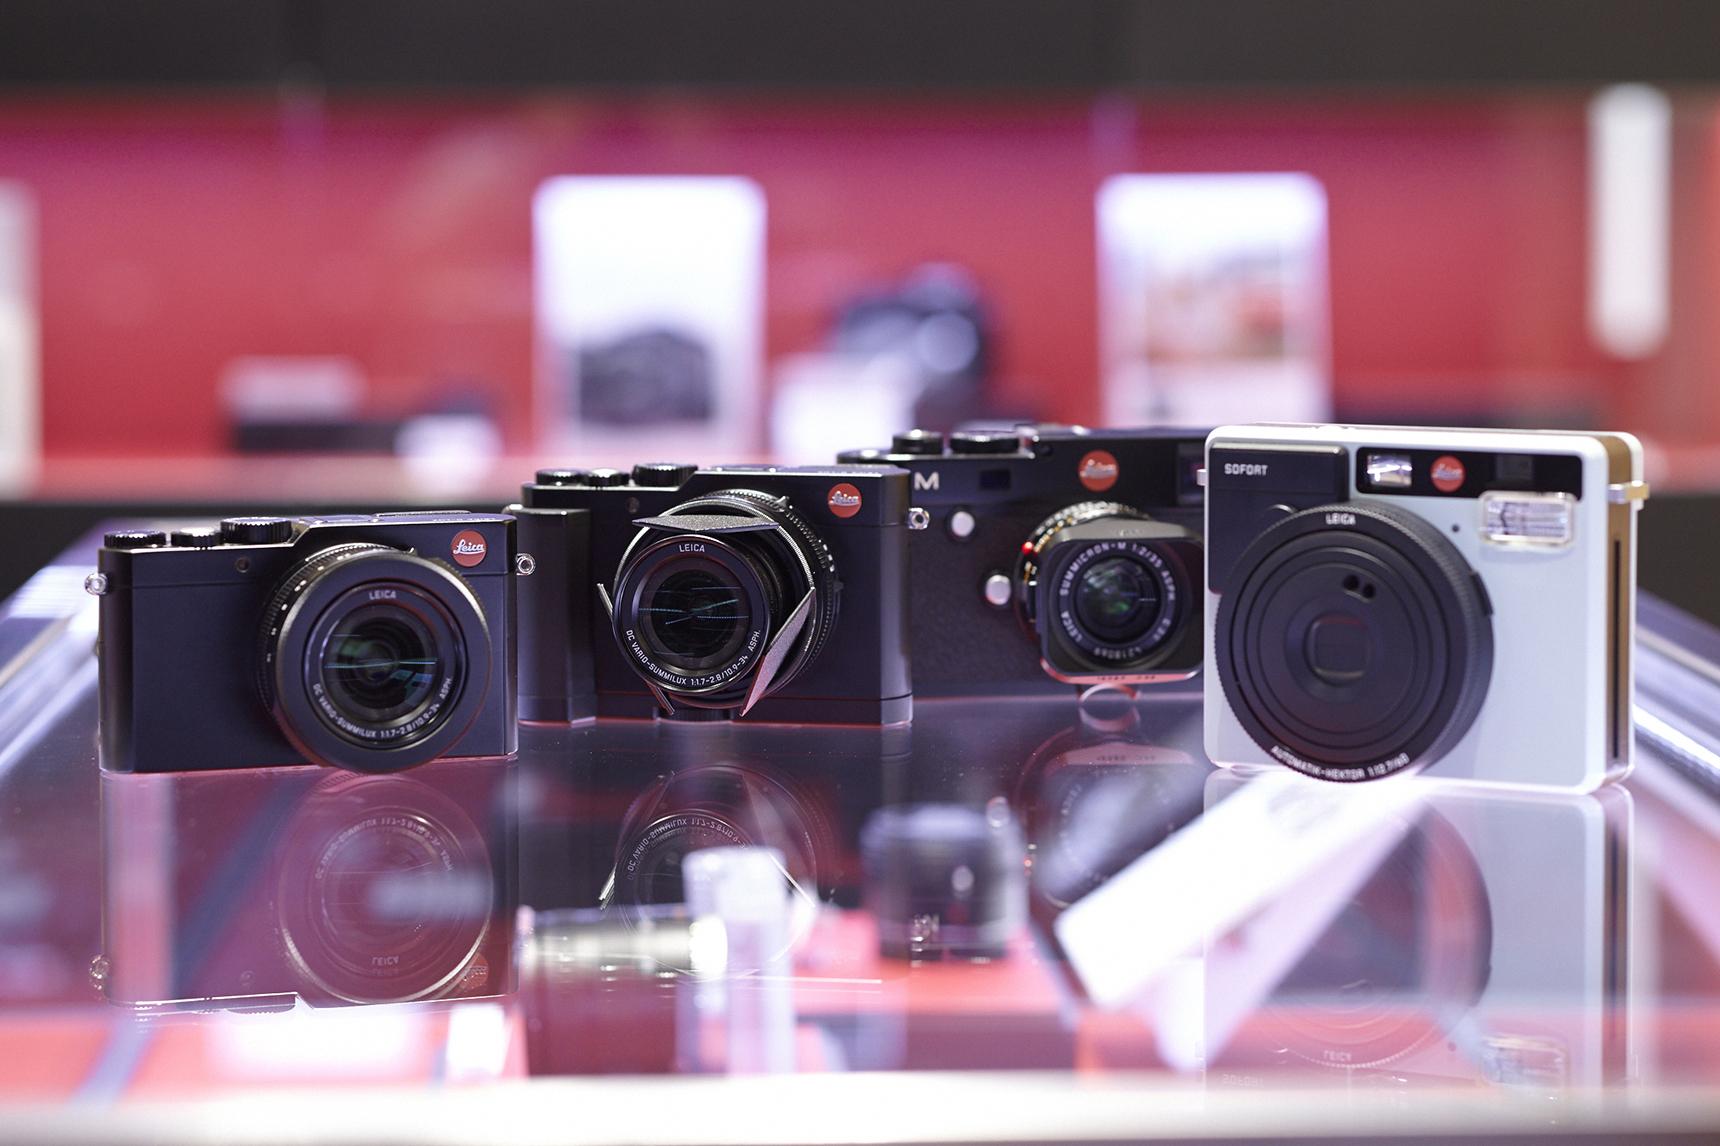 顕微鏡レンズメーカーとして生まれたライカ